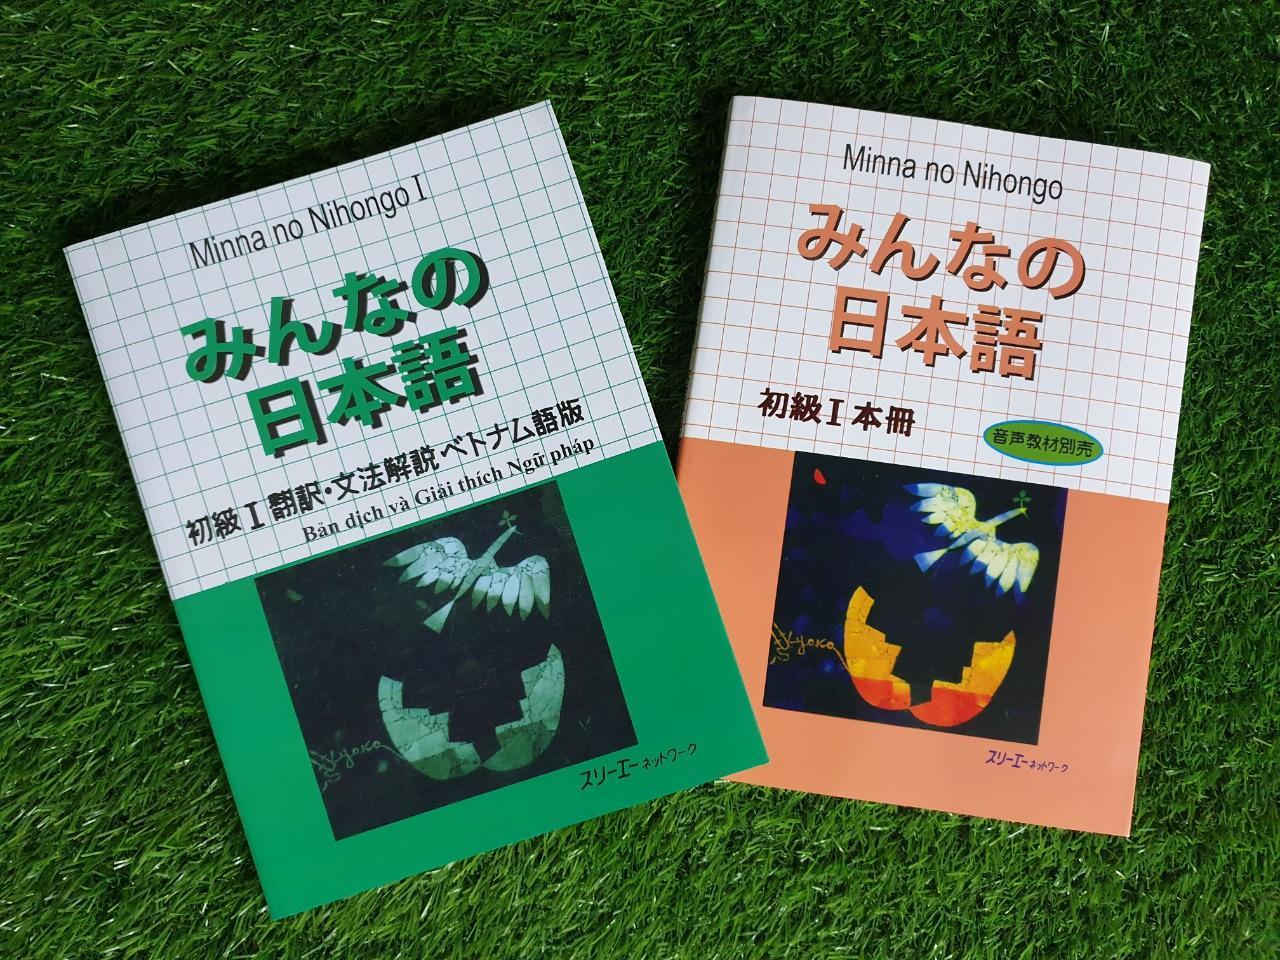 Combo 2 Cuốn Minna No Nihongo Sơ Cấp 1 (giáo Trình + Bản Dịch) Với Giá Sốc